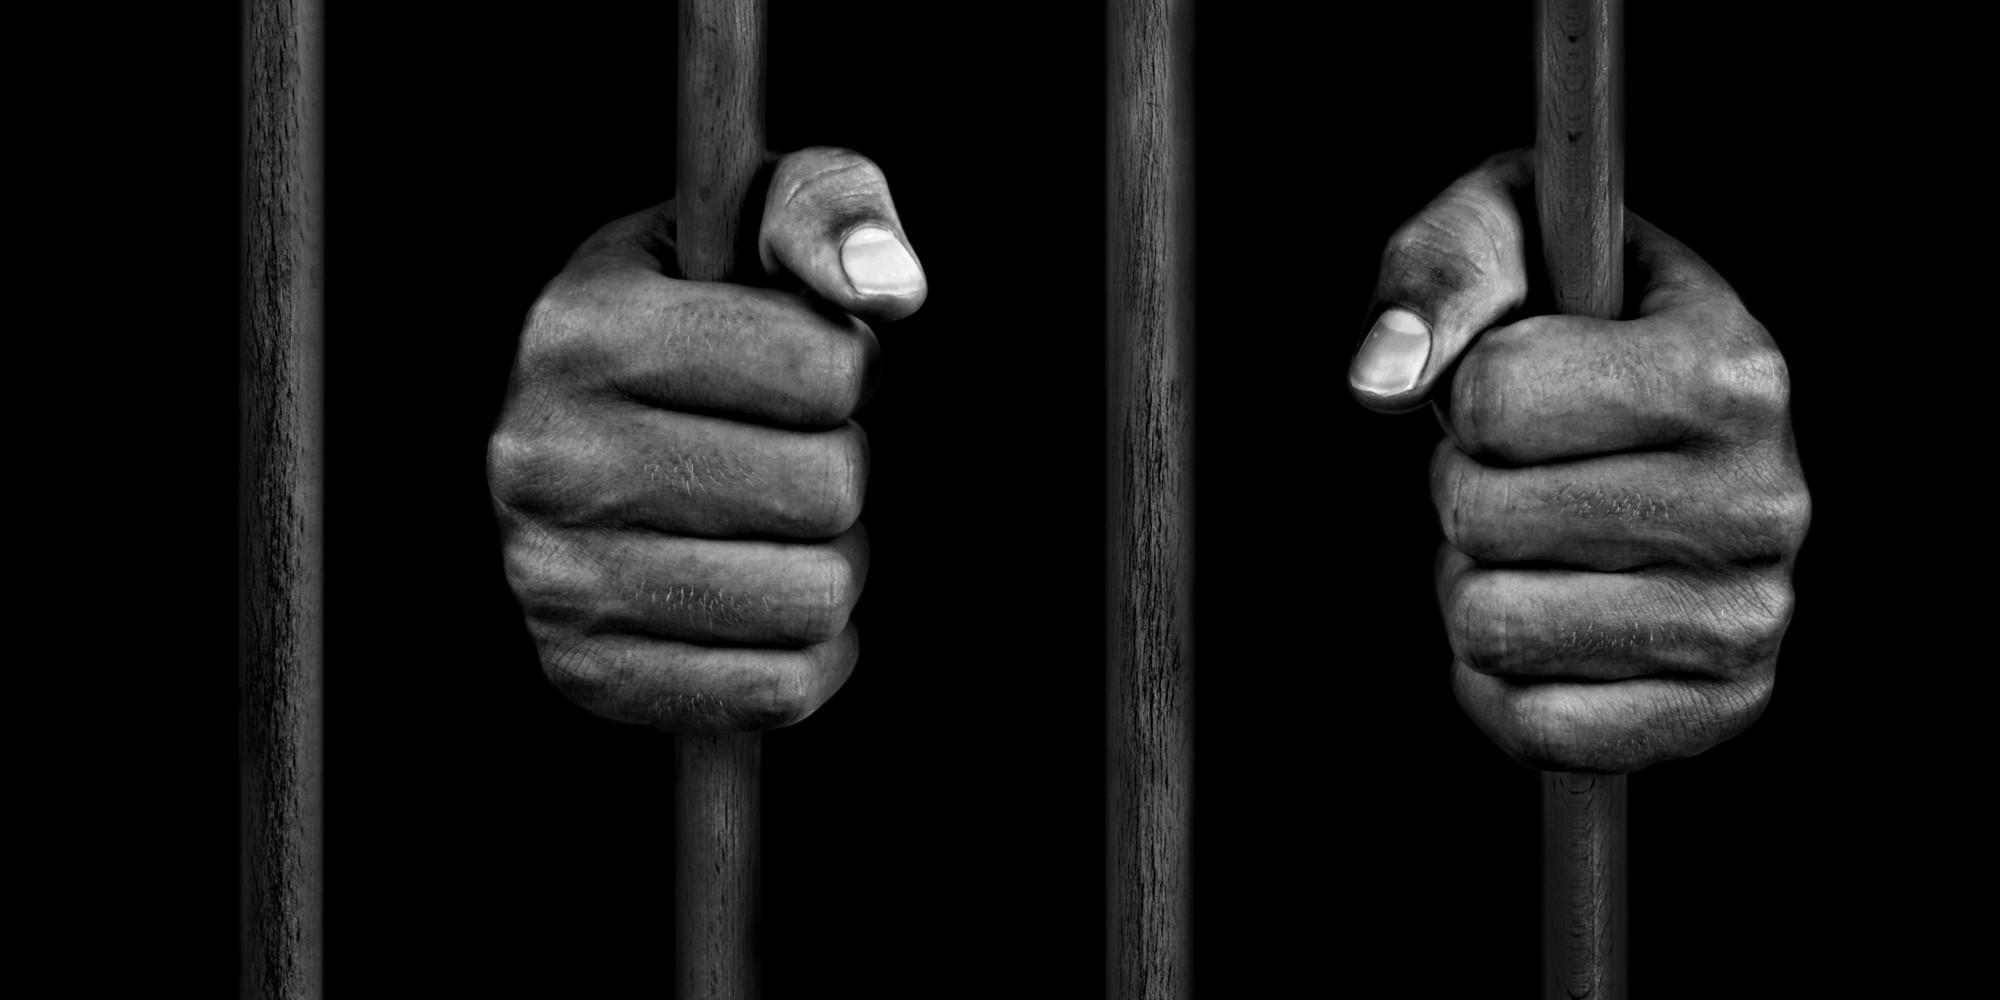 Irak: Euro-Med met en garde contre les violations des droits de l'Homme dans les prisons